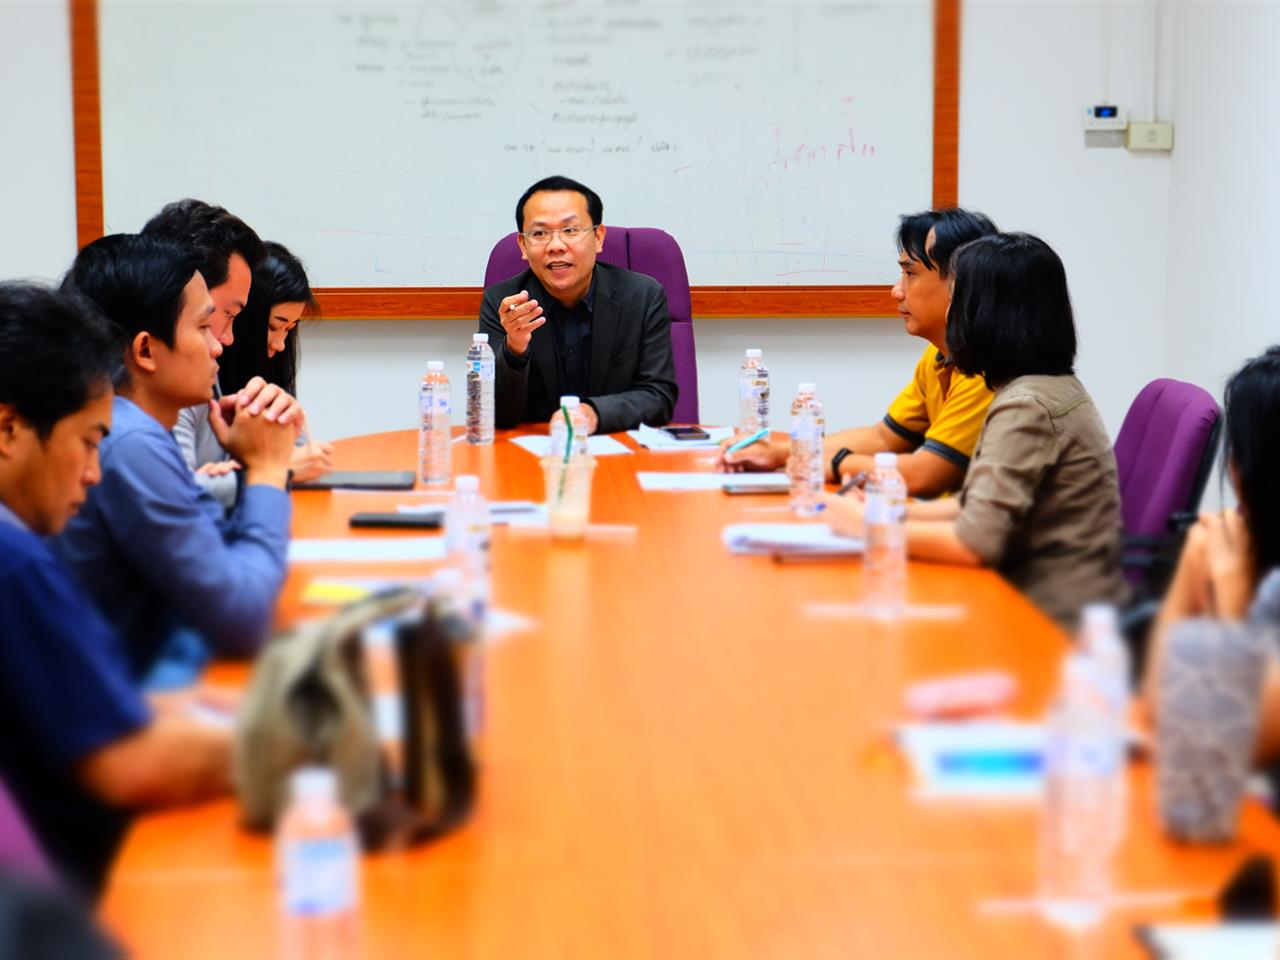 กองบริหารงานวิจัย จัดประชุมรายงานความก้าวหน้าด้านงานวิจัย  ยอดเงินวิจัยกว่า 7,550,000 บาท จากสำนักงานพัฒนาวิทยาศาสตร์และเทคโนโลยีแห่งชาติ (สวทช.) ณ ห้องประชุมรองอธิการบดี มหาวิทยาลัยพะเยา